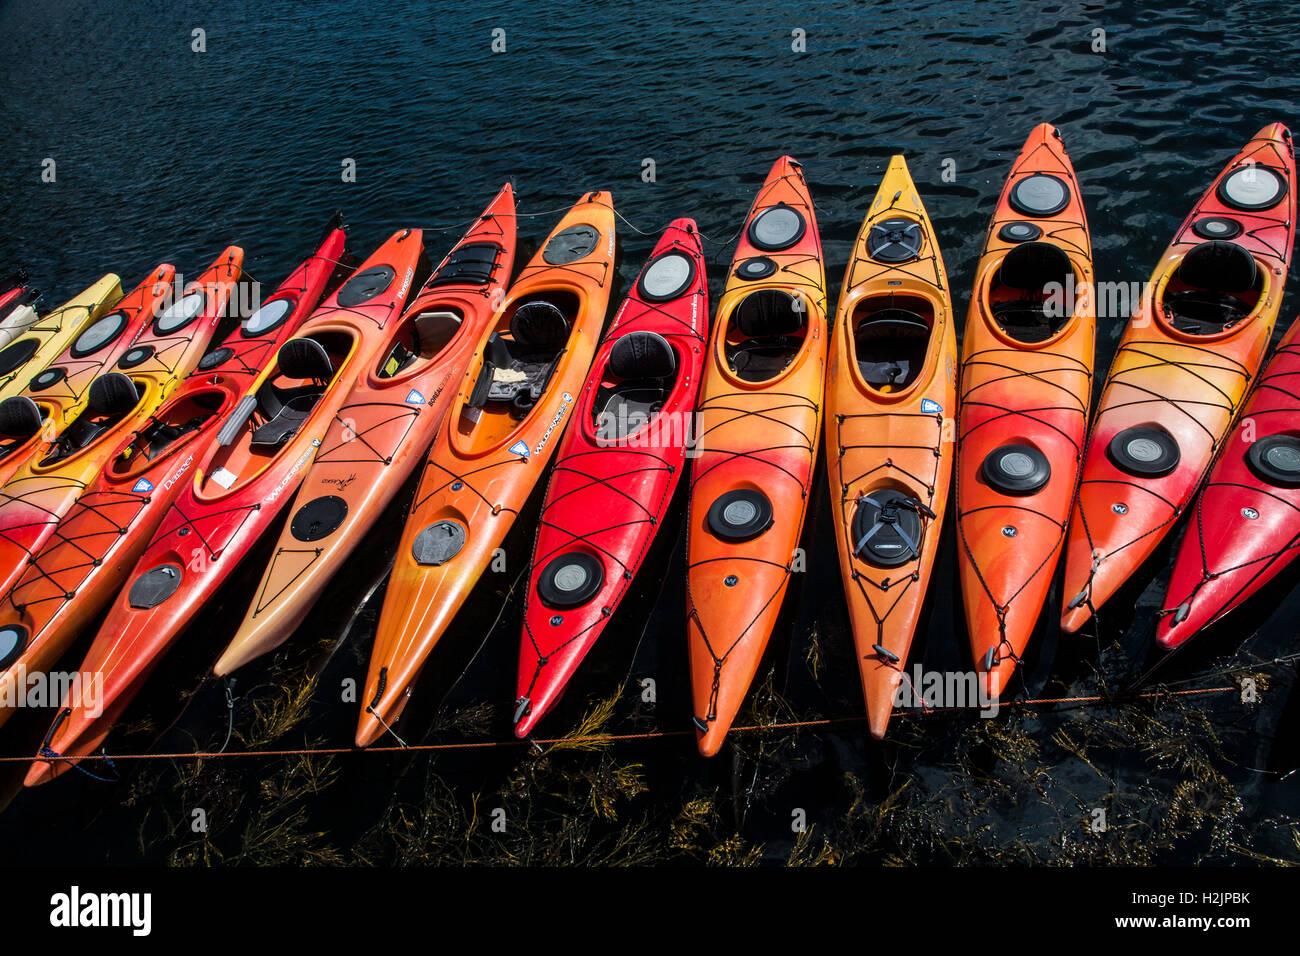 Cerrar un colorido patrón abstracto de una fila de kayaks, Rockport, Massachusetts, Estados Unidos, Nueva Inglaterra, Imagen De Stock